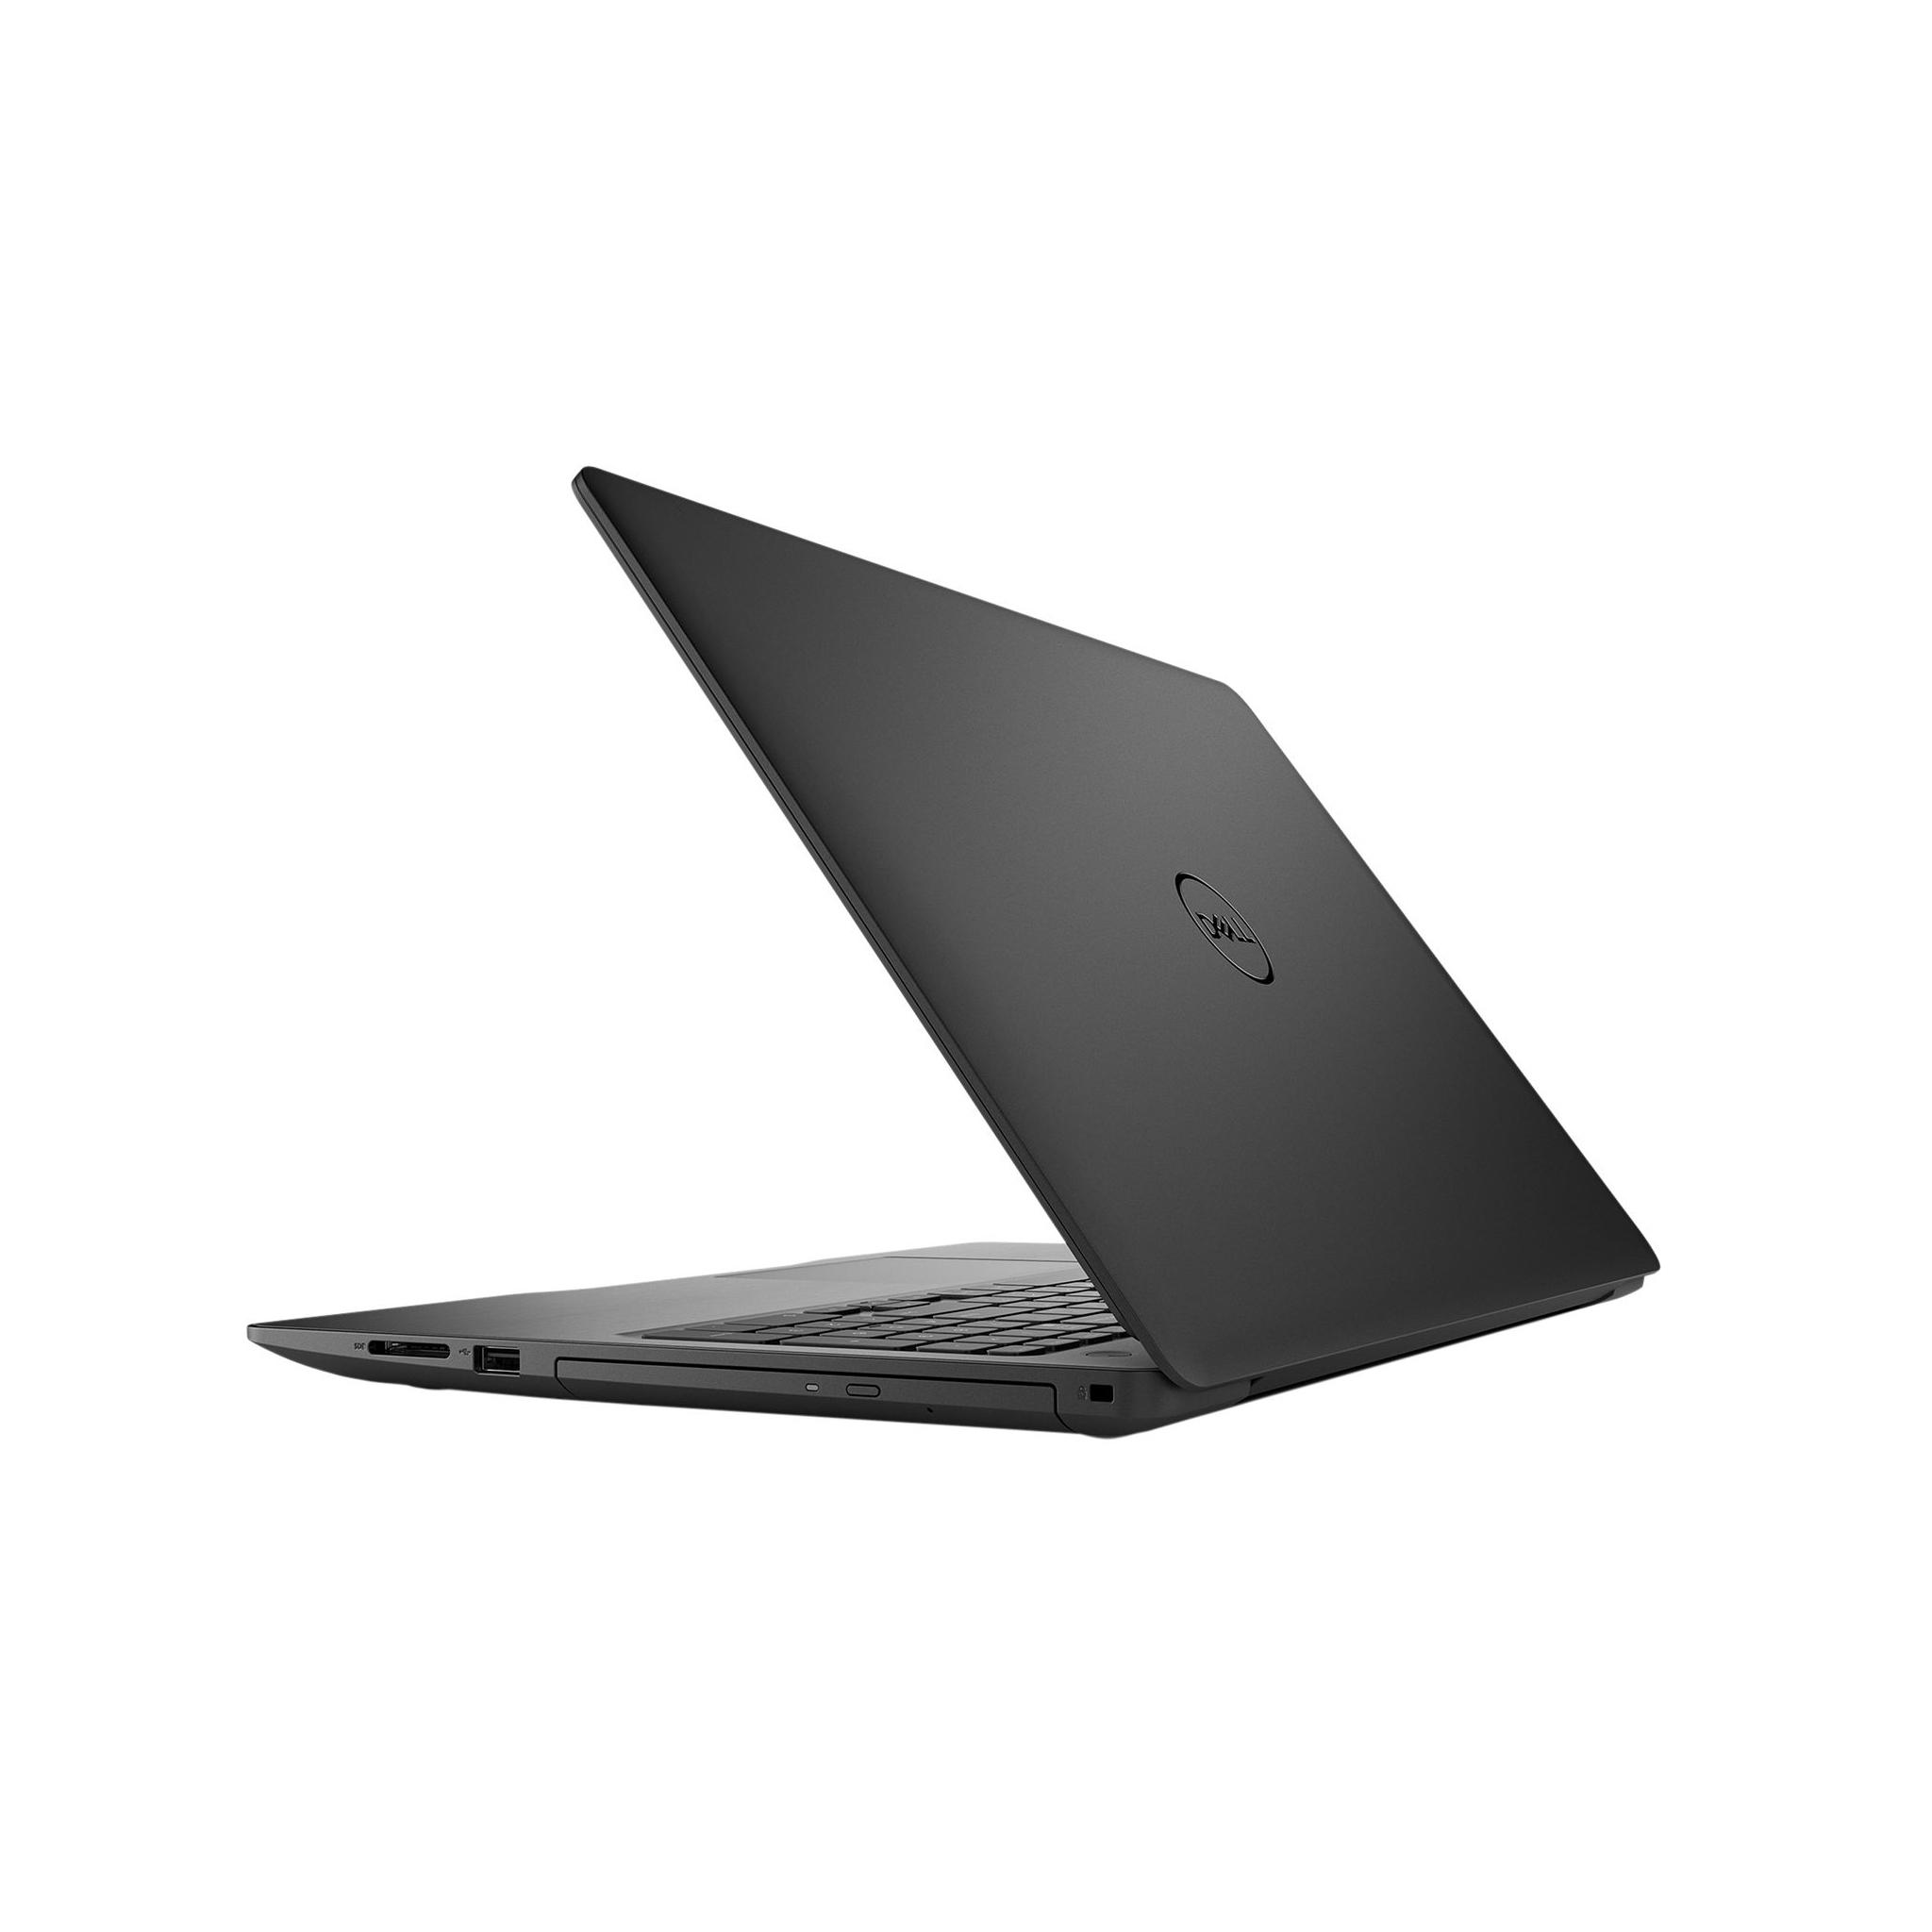 Laptop Dell Inspiron 5570 Core i3-8130U / RAM 8G / SSD 128GB / Full HD Touch / Black / Win 10 - Hàng Nhập Khẩu Mỹ